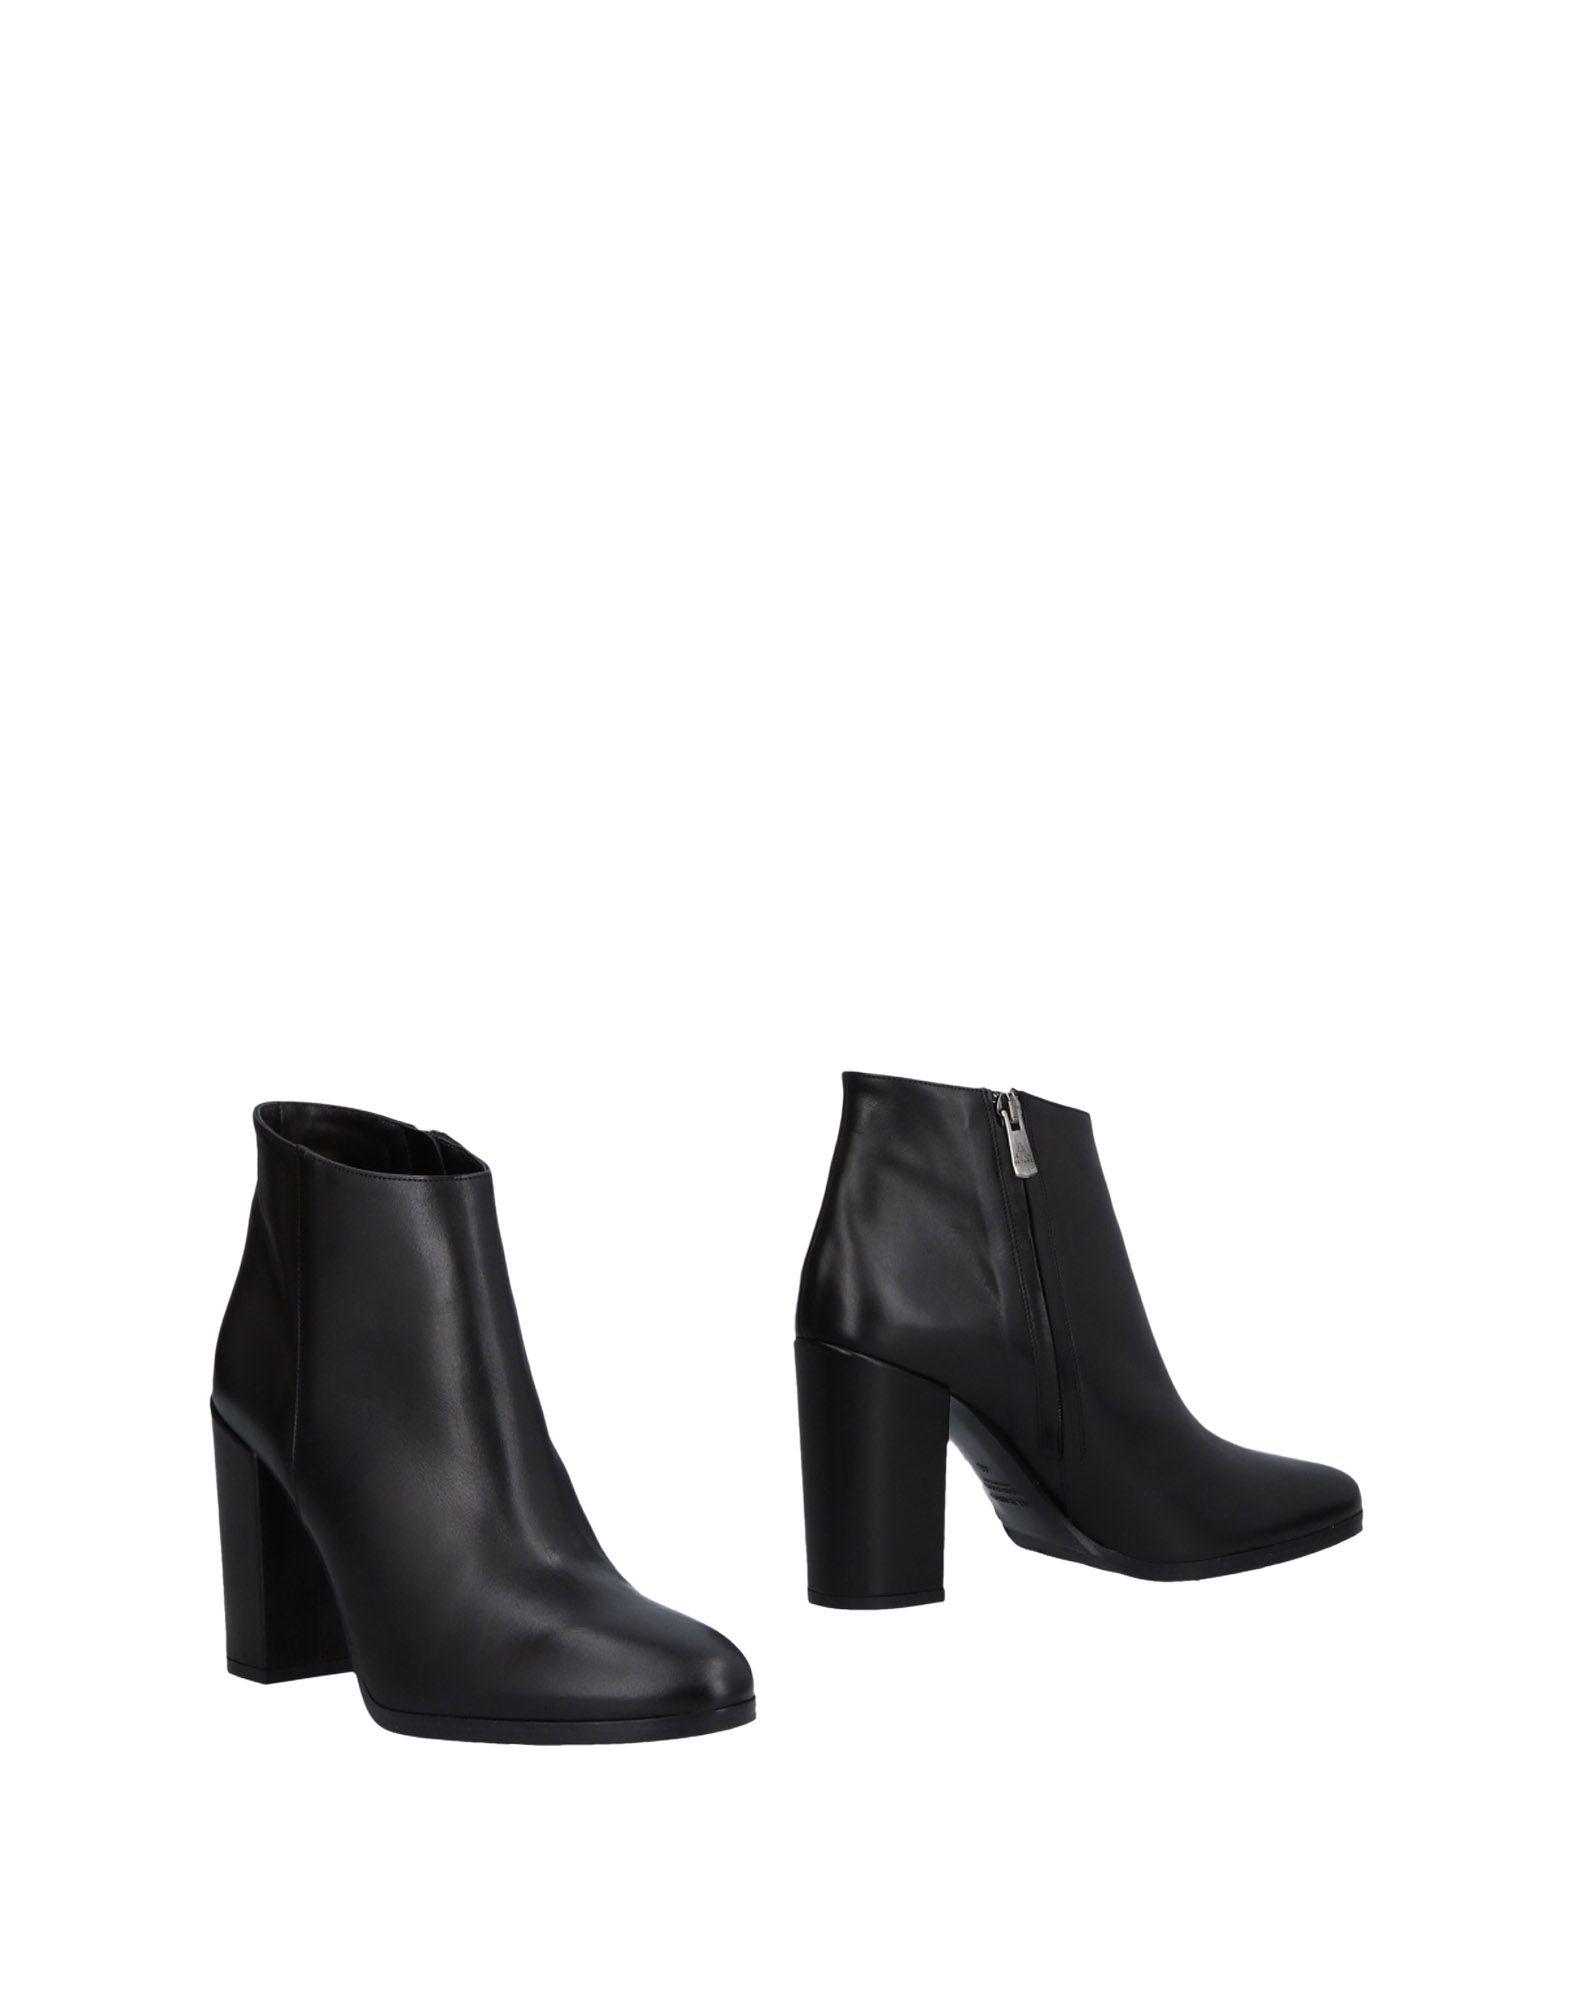 Albano Stiefelette Damen  11475453XC Gute Schuhe Qualität beliebte Schuhe Gute c75931